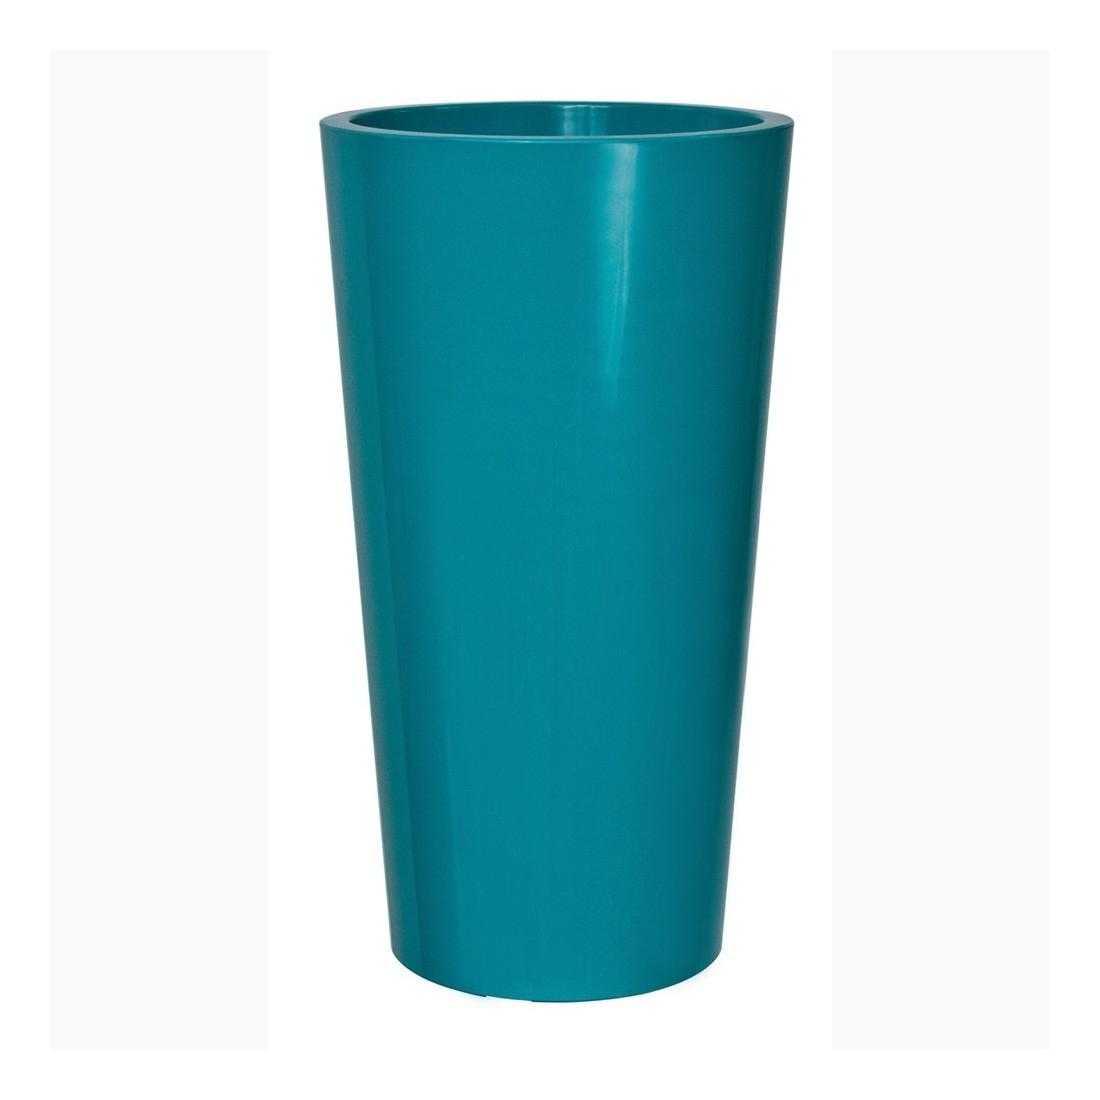 Pot Exterieur Deco Bleu Pétrole H:61Cm encequiconcerne Pot Couleur Jardin